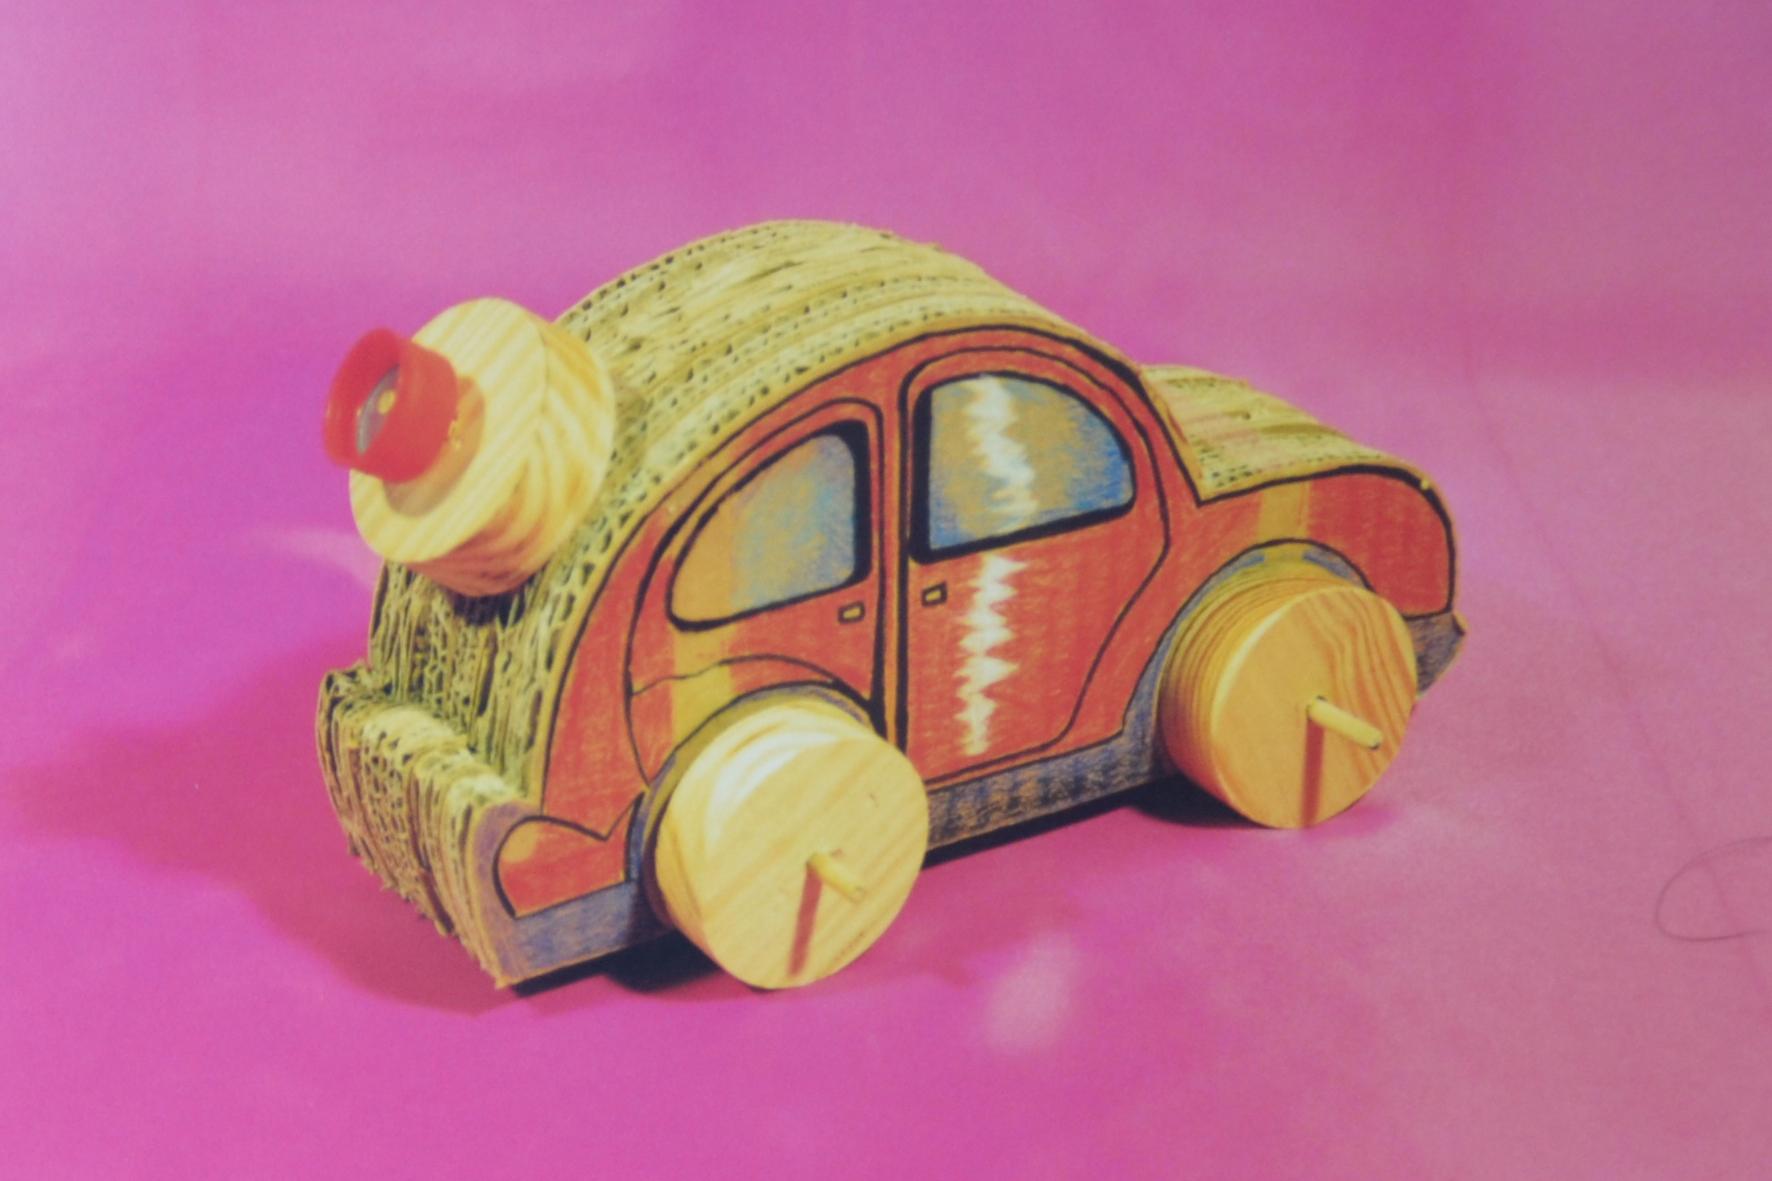 Coche de cartón - Recicla y juega